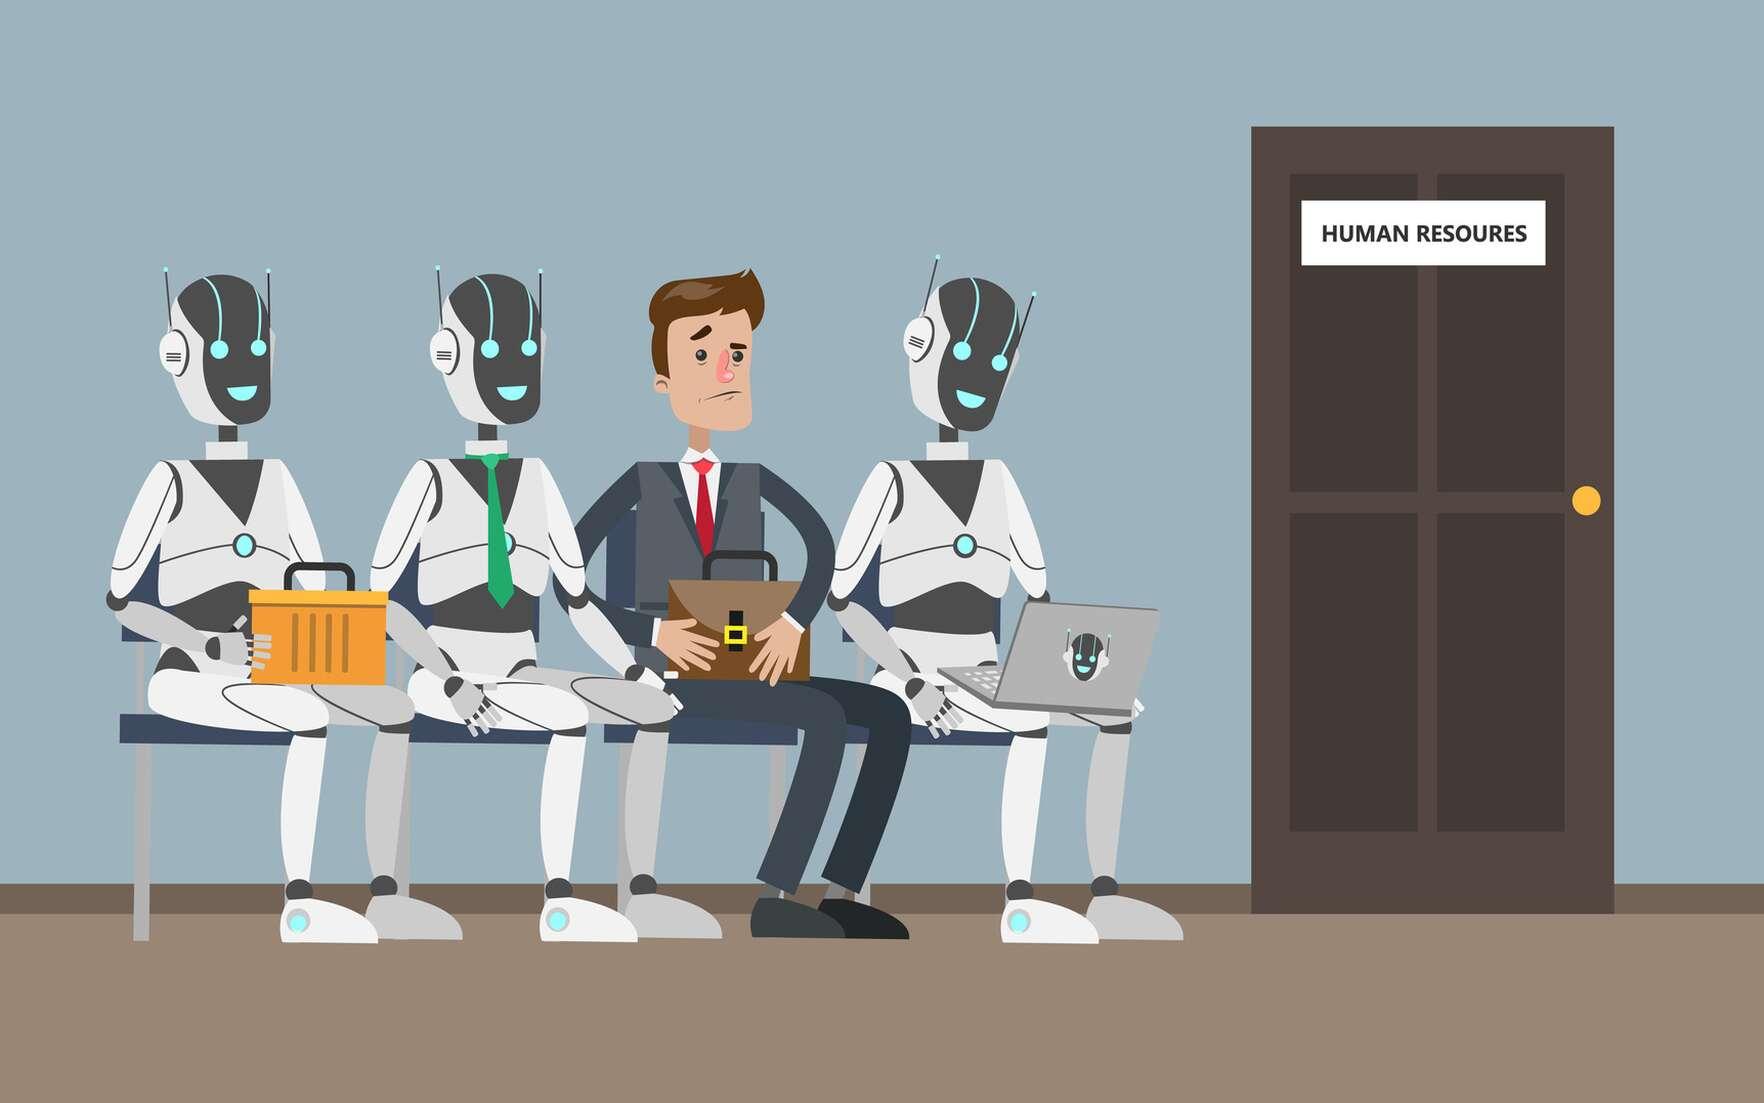 Les métiers menacés par l'automatisation et l'intelligence artificielle. © artinspiring, Fotolia